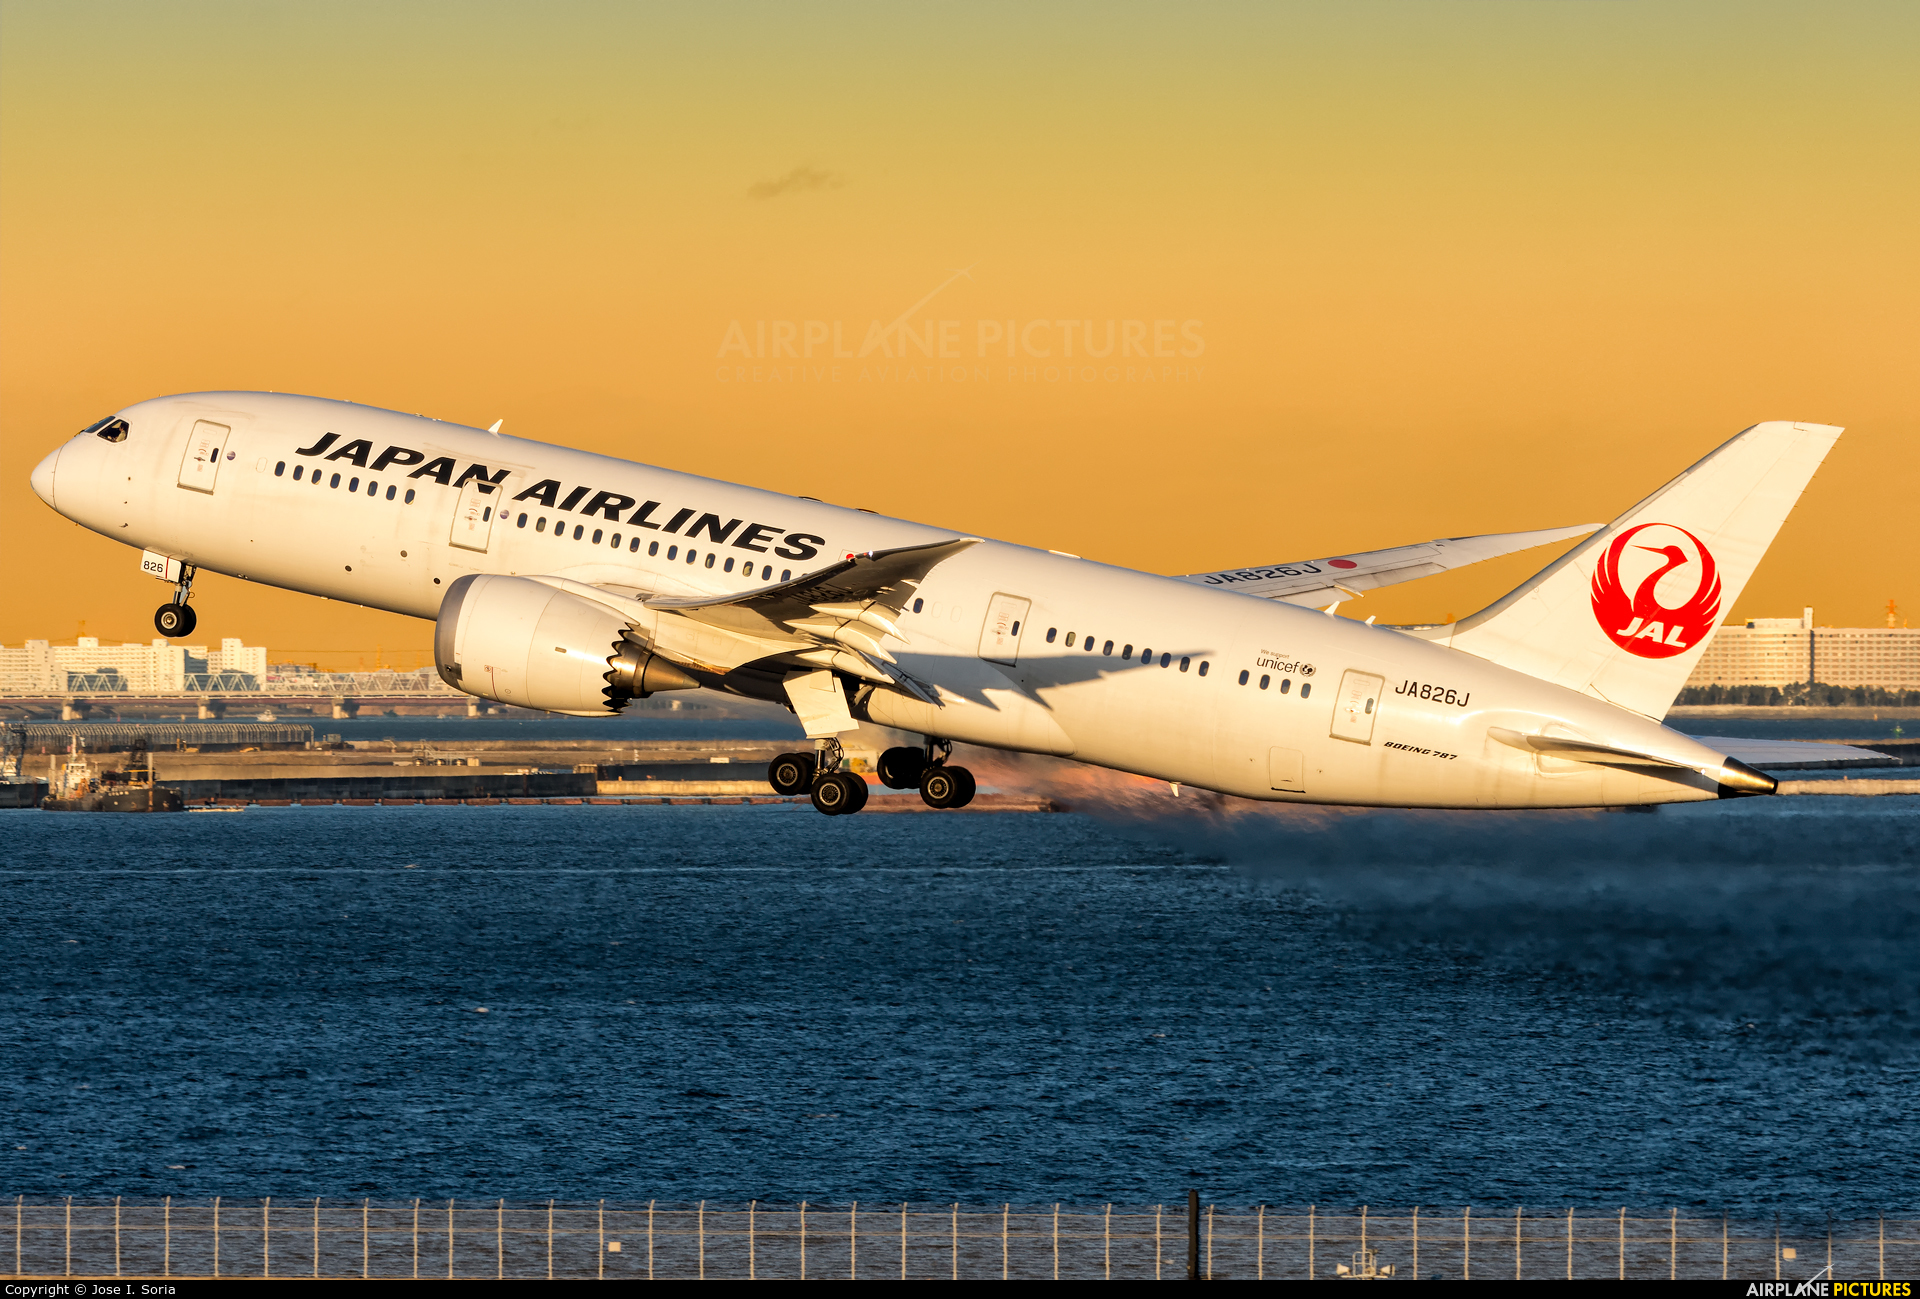 JAL - Japan Airlines JA826J aircraft at Tokyo - Haneda Intl